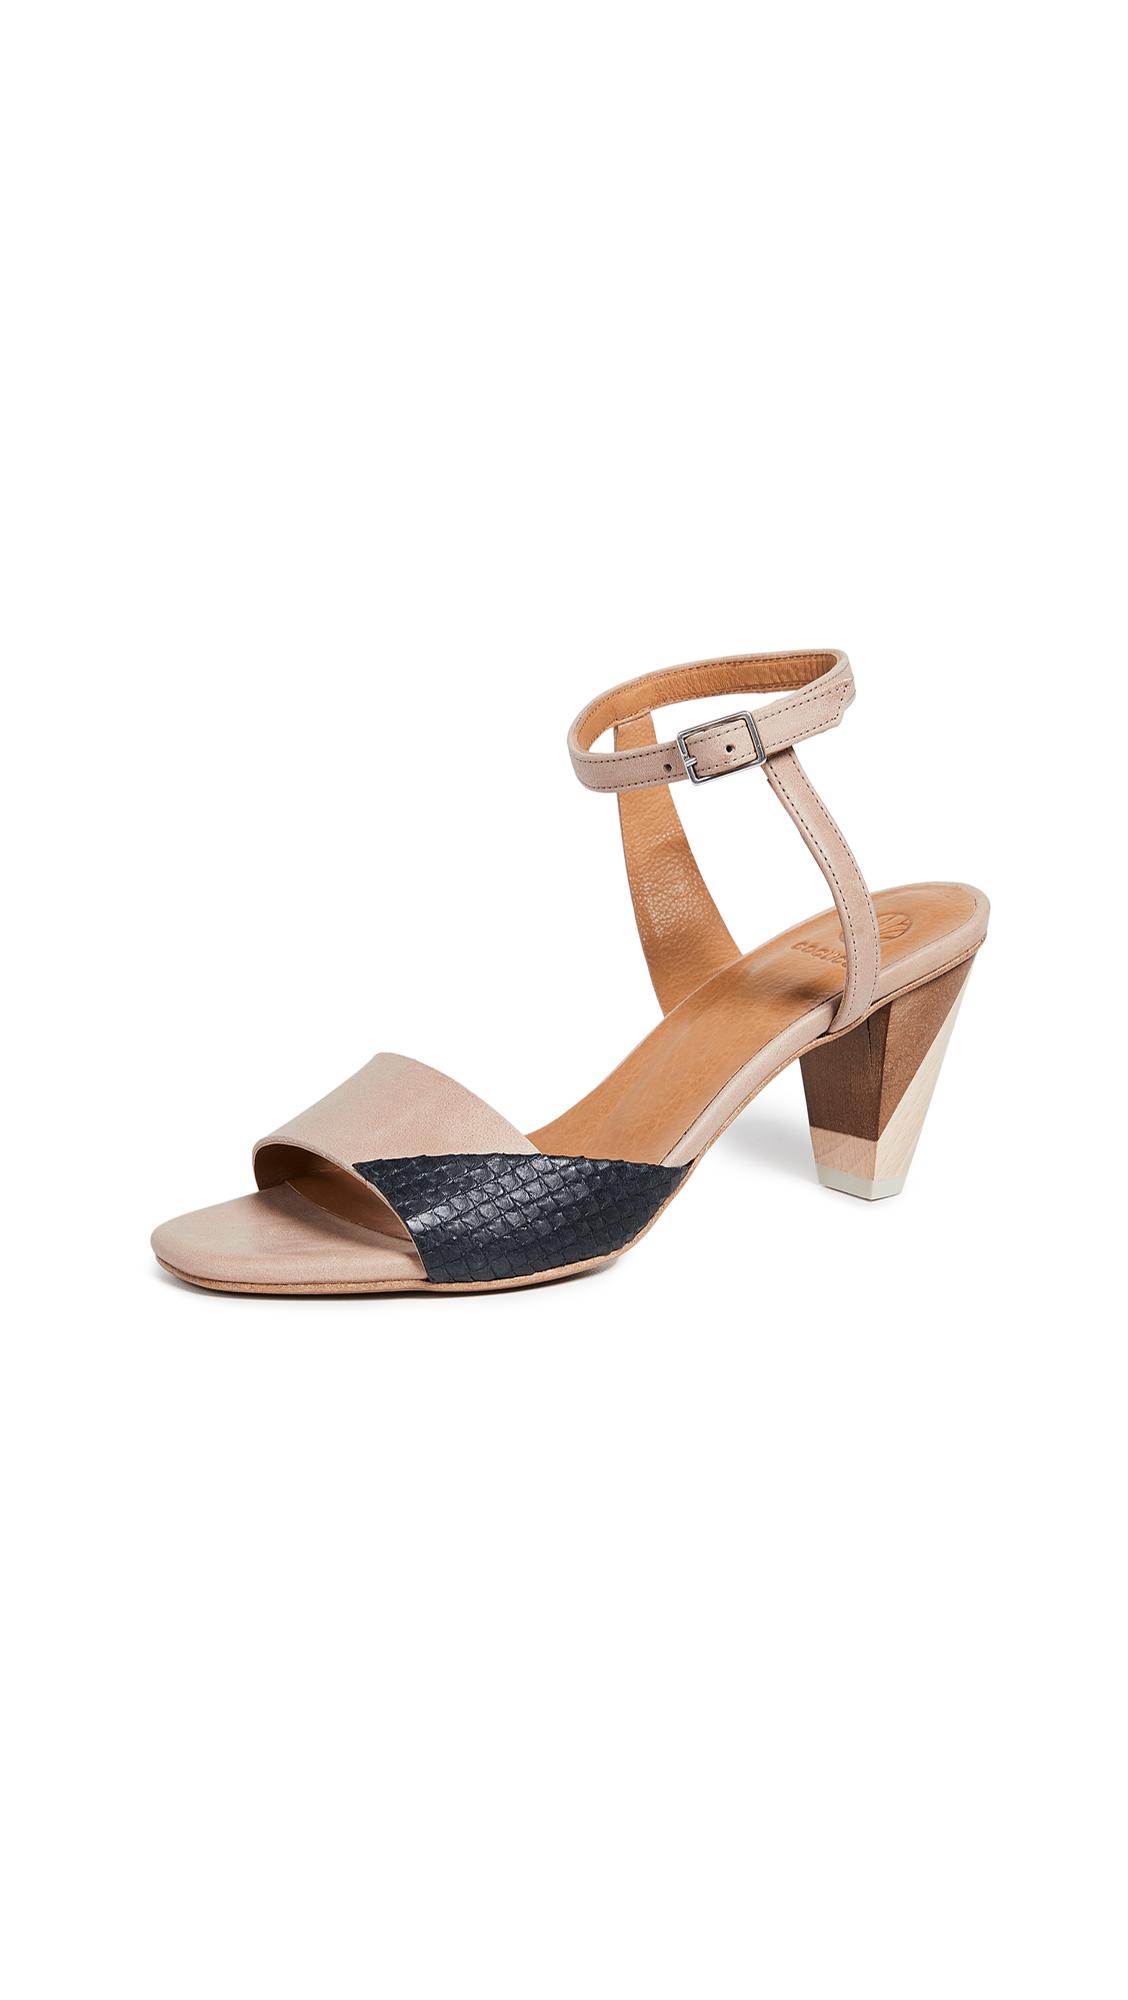 Coclico Shoes Ashford Strappy Sandals - Talco Bone/Scale Black